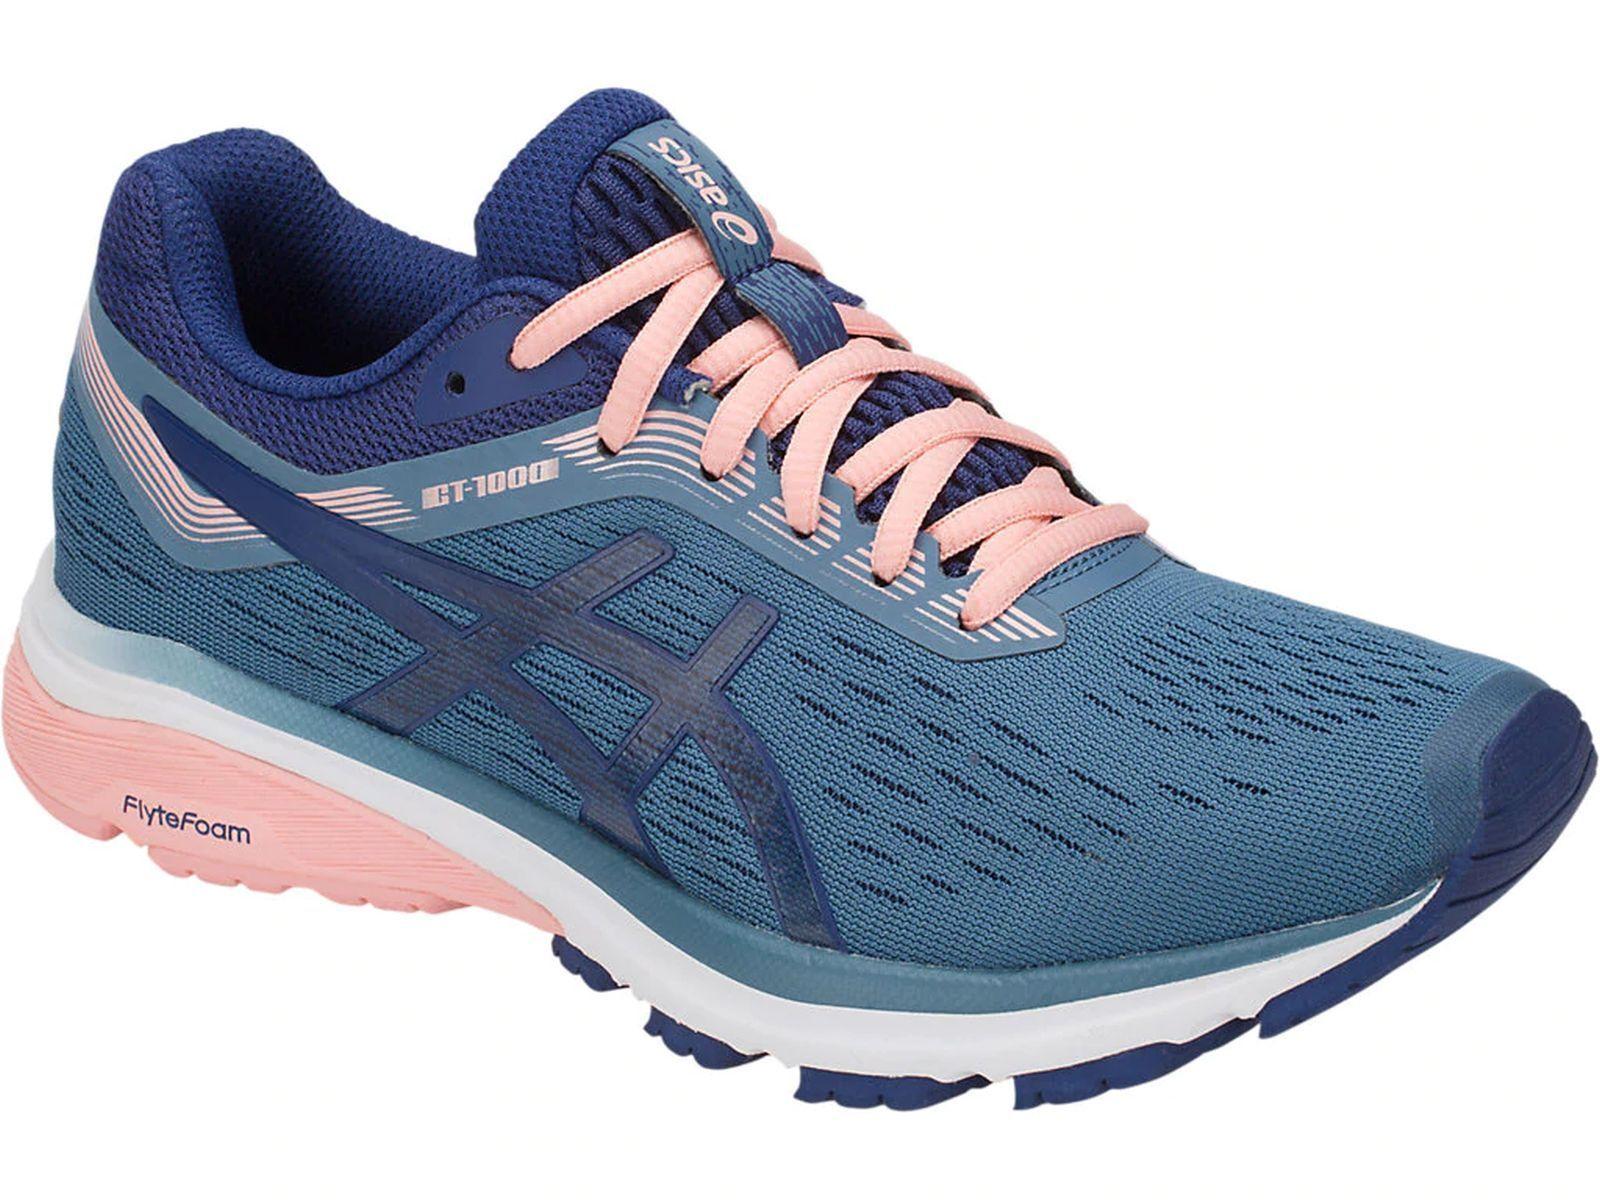 Asics Women's Running shoes Gt- 1000 7 bluee